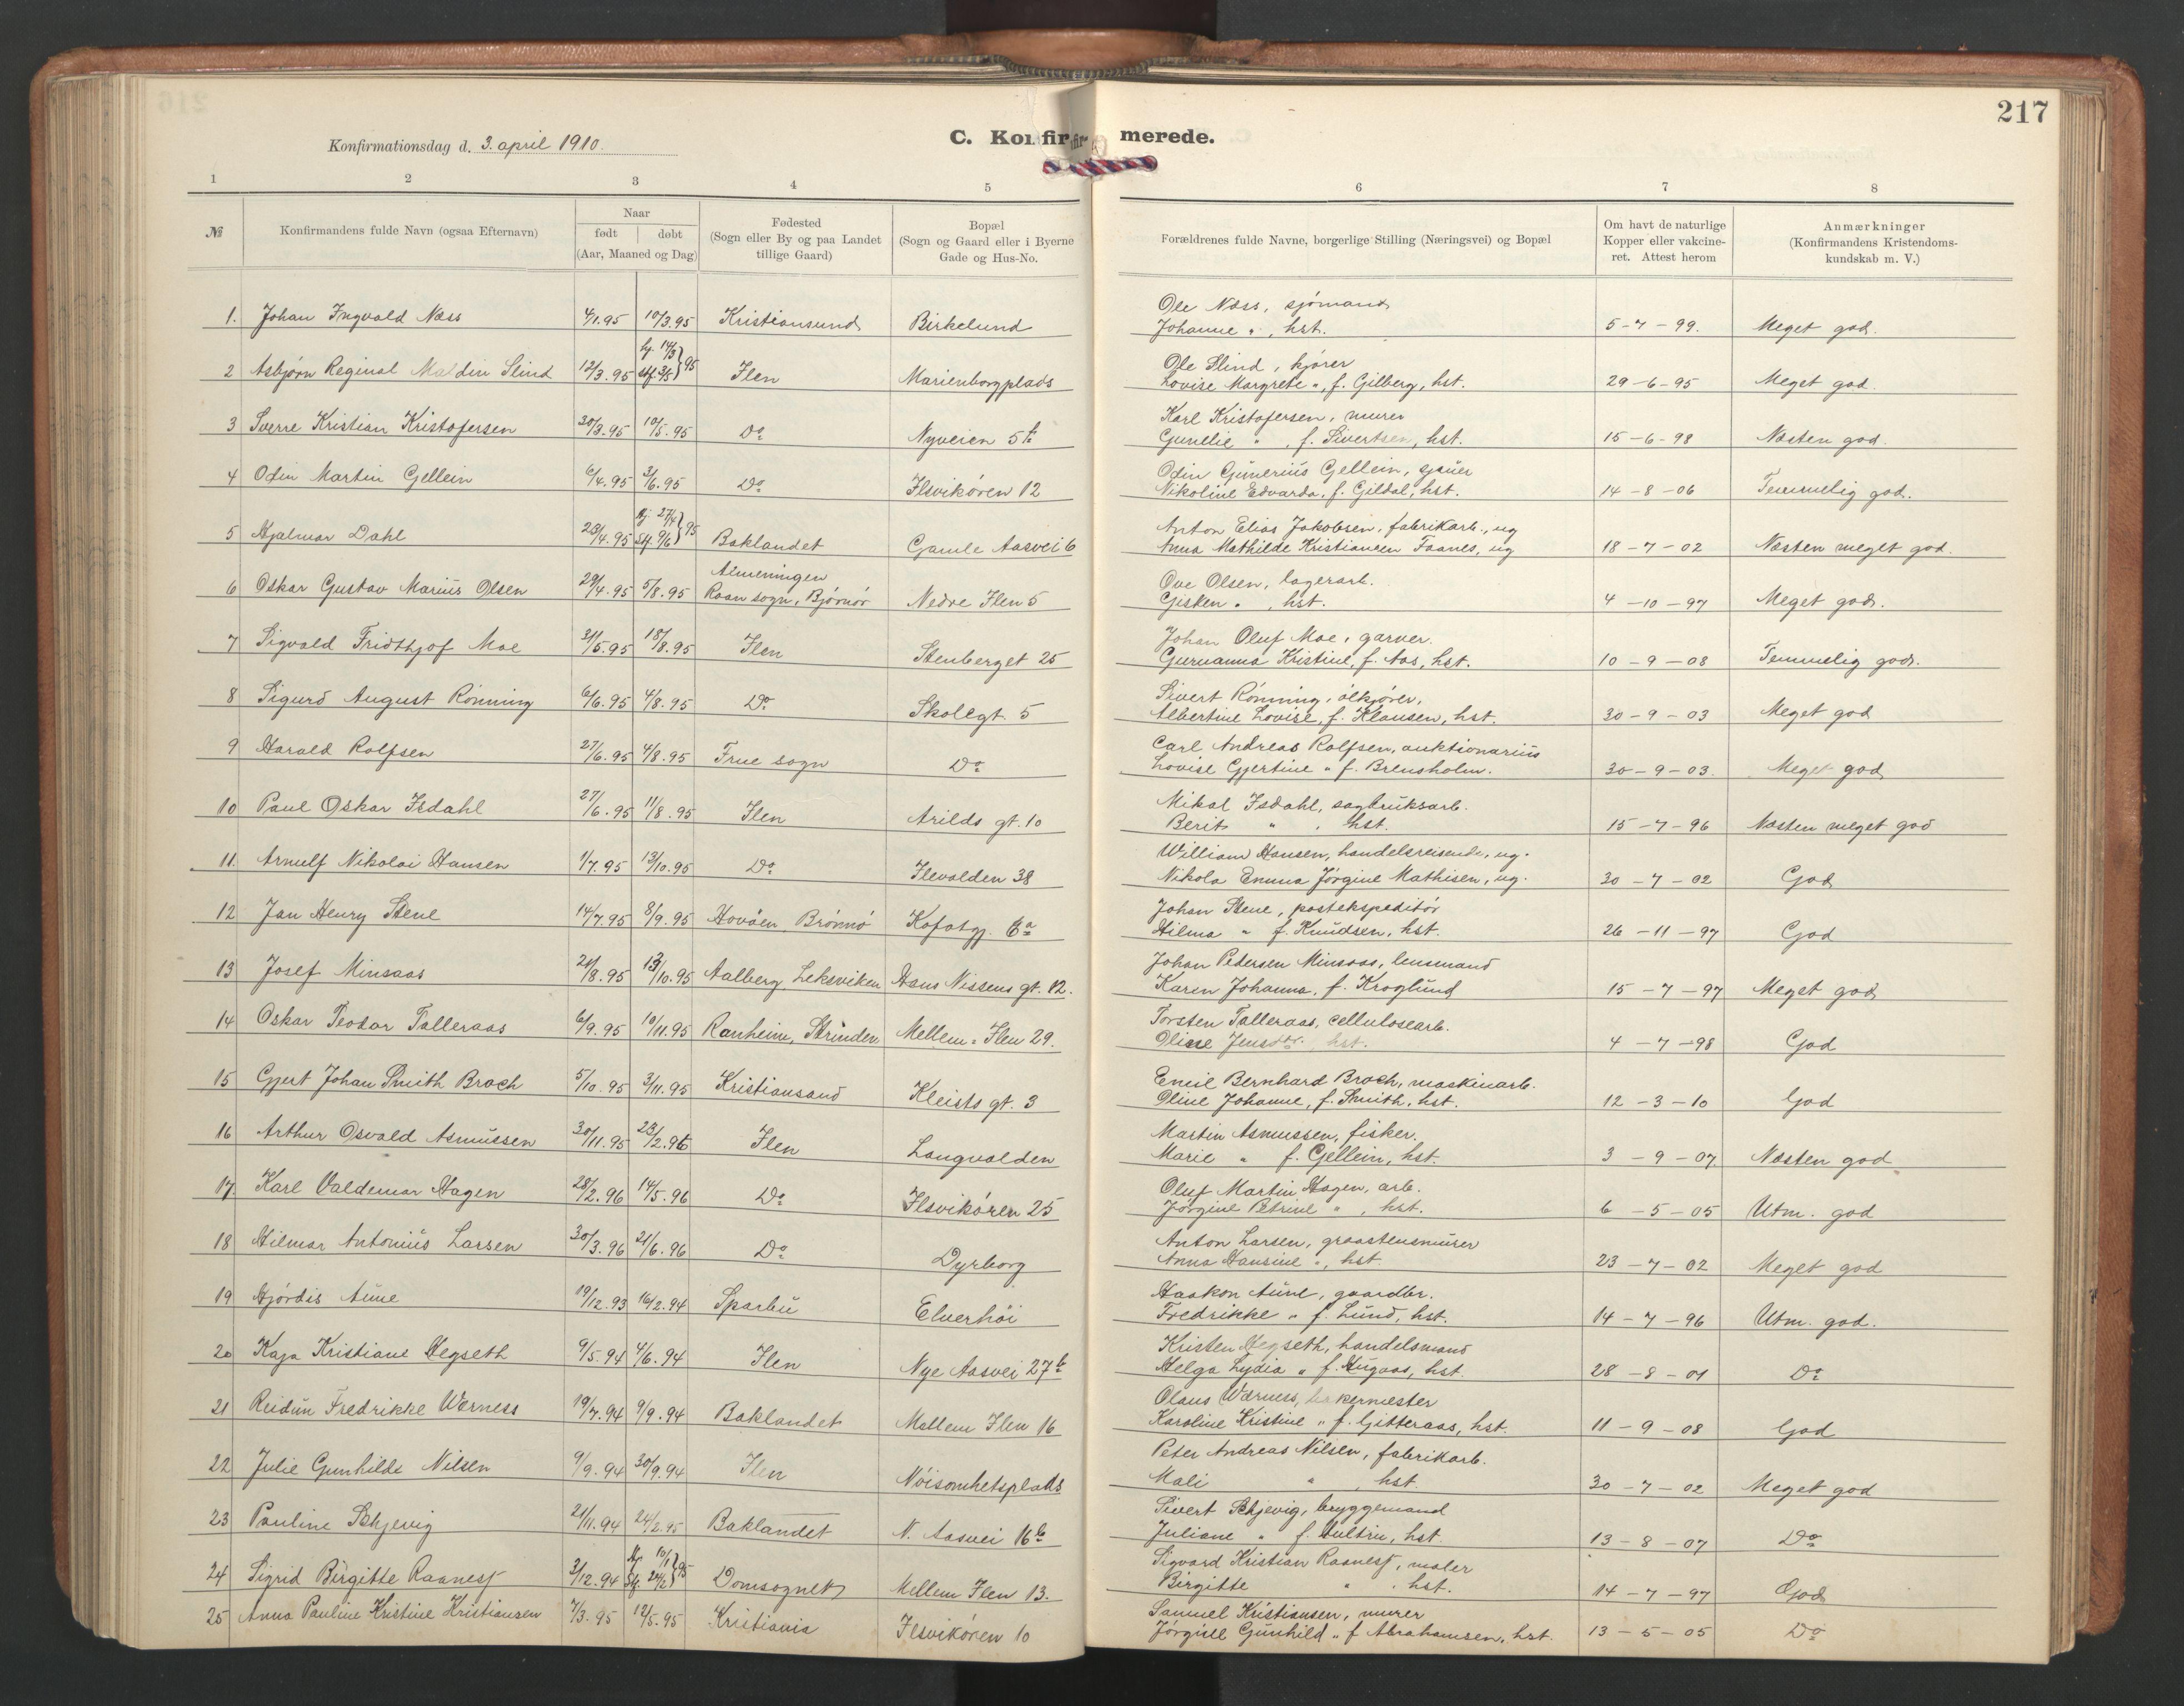 SAT, Ministerialprotokoller, klokkerbøker og fødselsregistre - Sør-Trøndelag, 603/L0173: Klokkerbok nr. 603C01, 1907-1962, s. 217